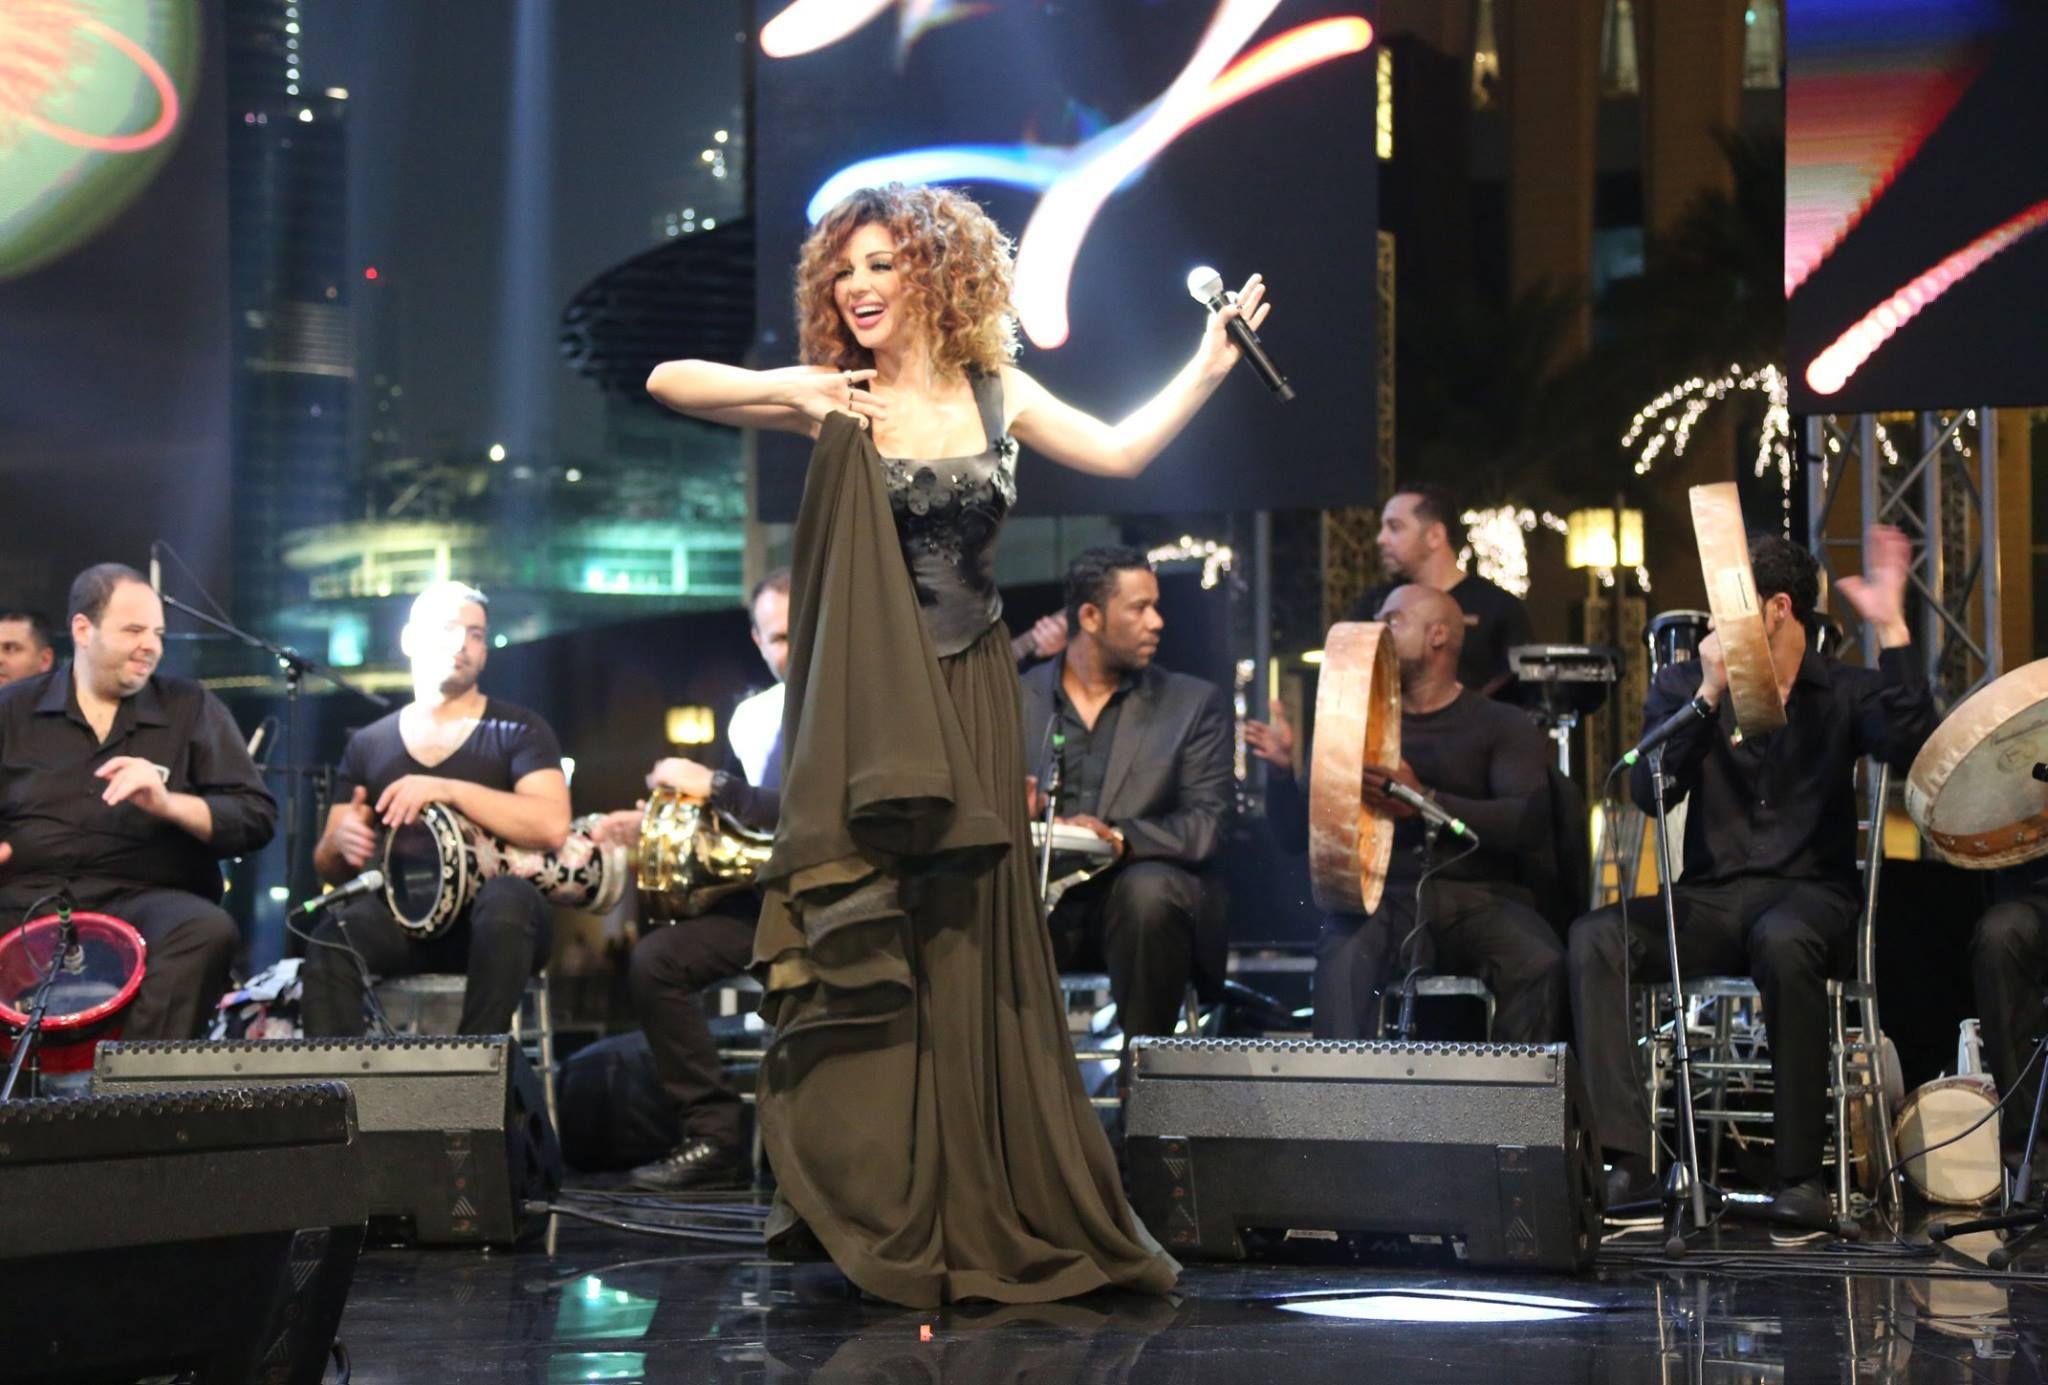 الفراء الأسود والشيفون حزب اللباس لبنان المغني سيريام فارس نفس النمط الأمراء حفلة موسيقية فساتين مخصص مثير أثواب السهرة الجلدية